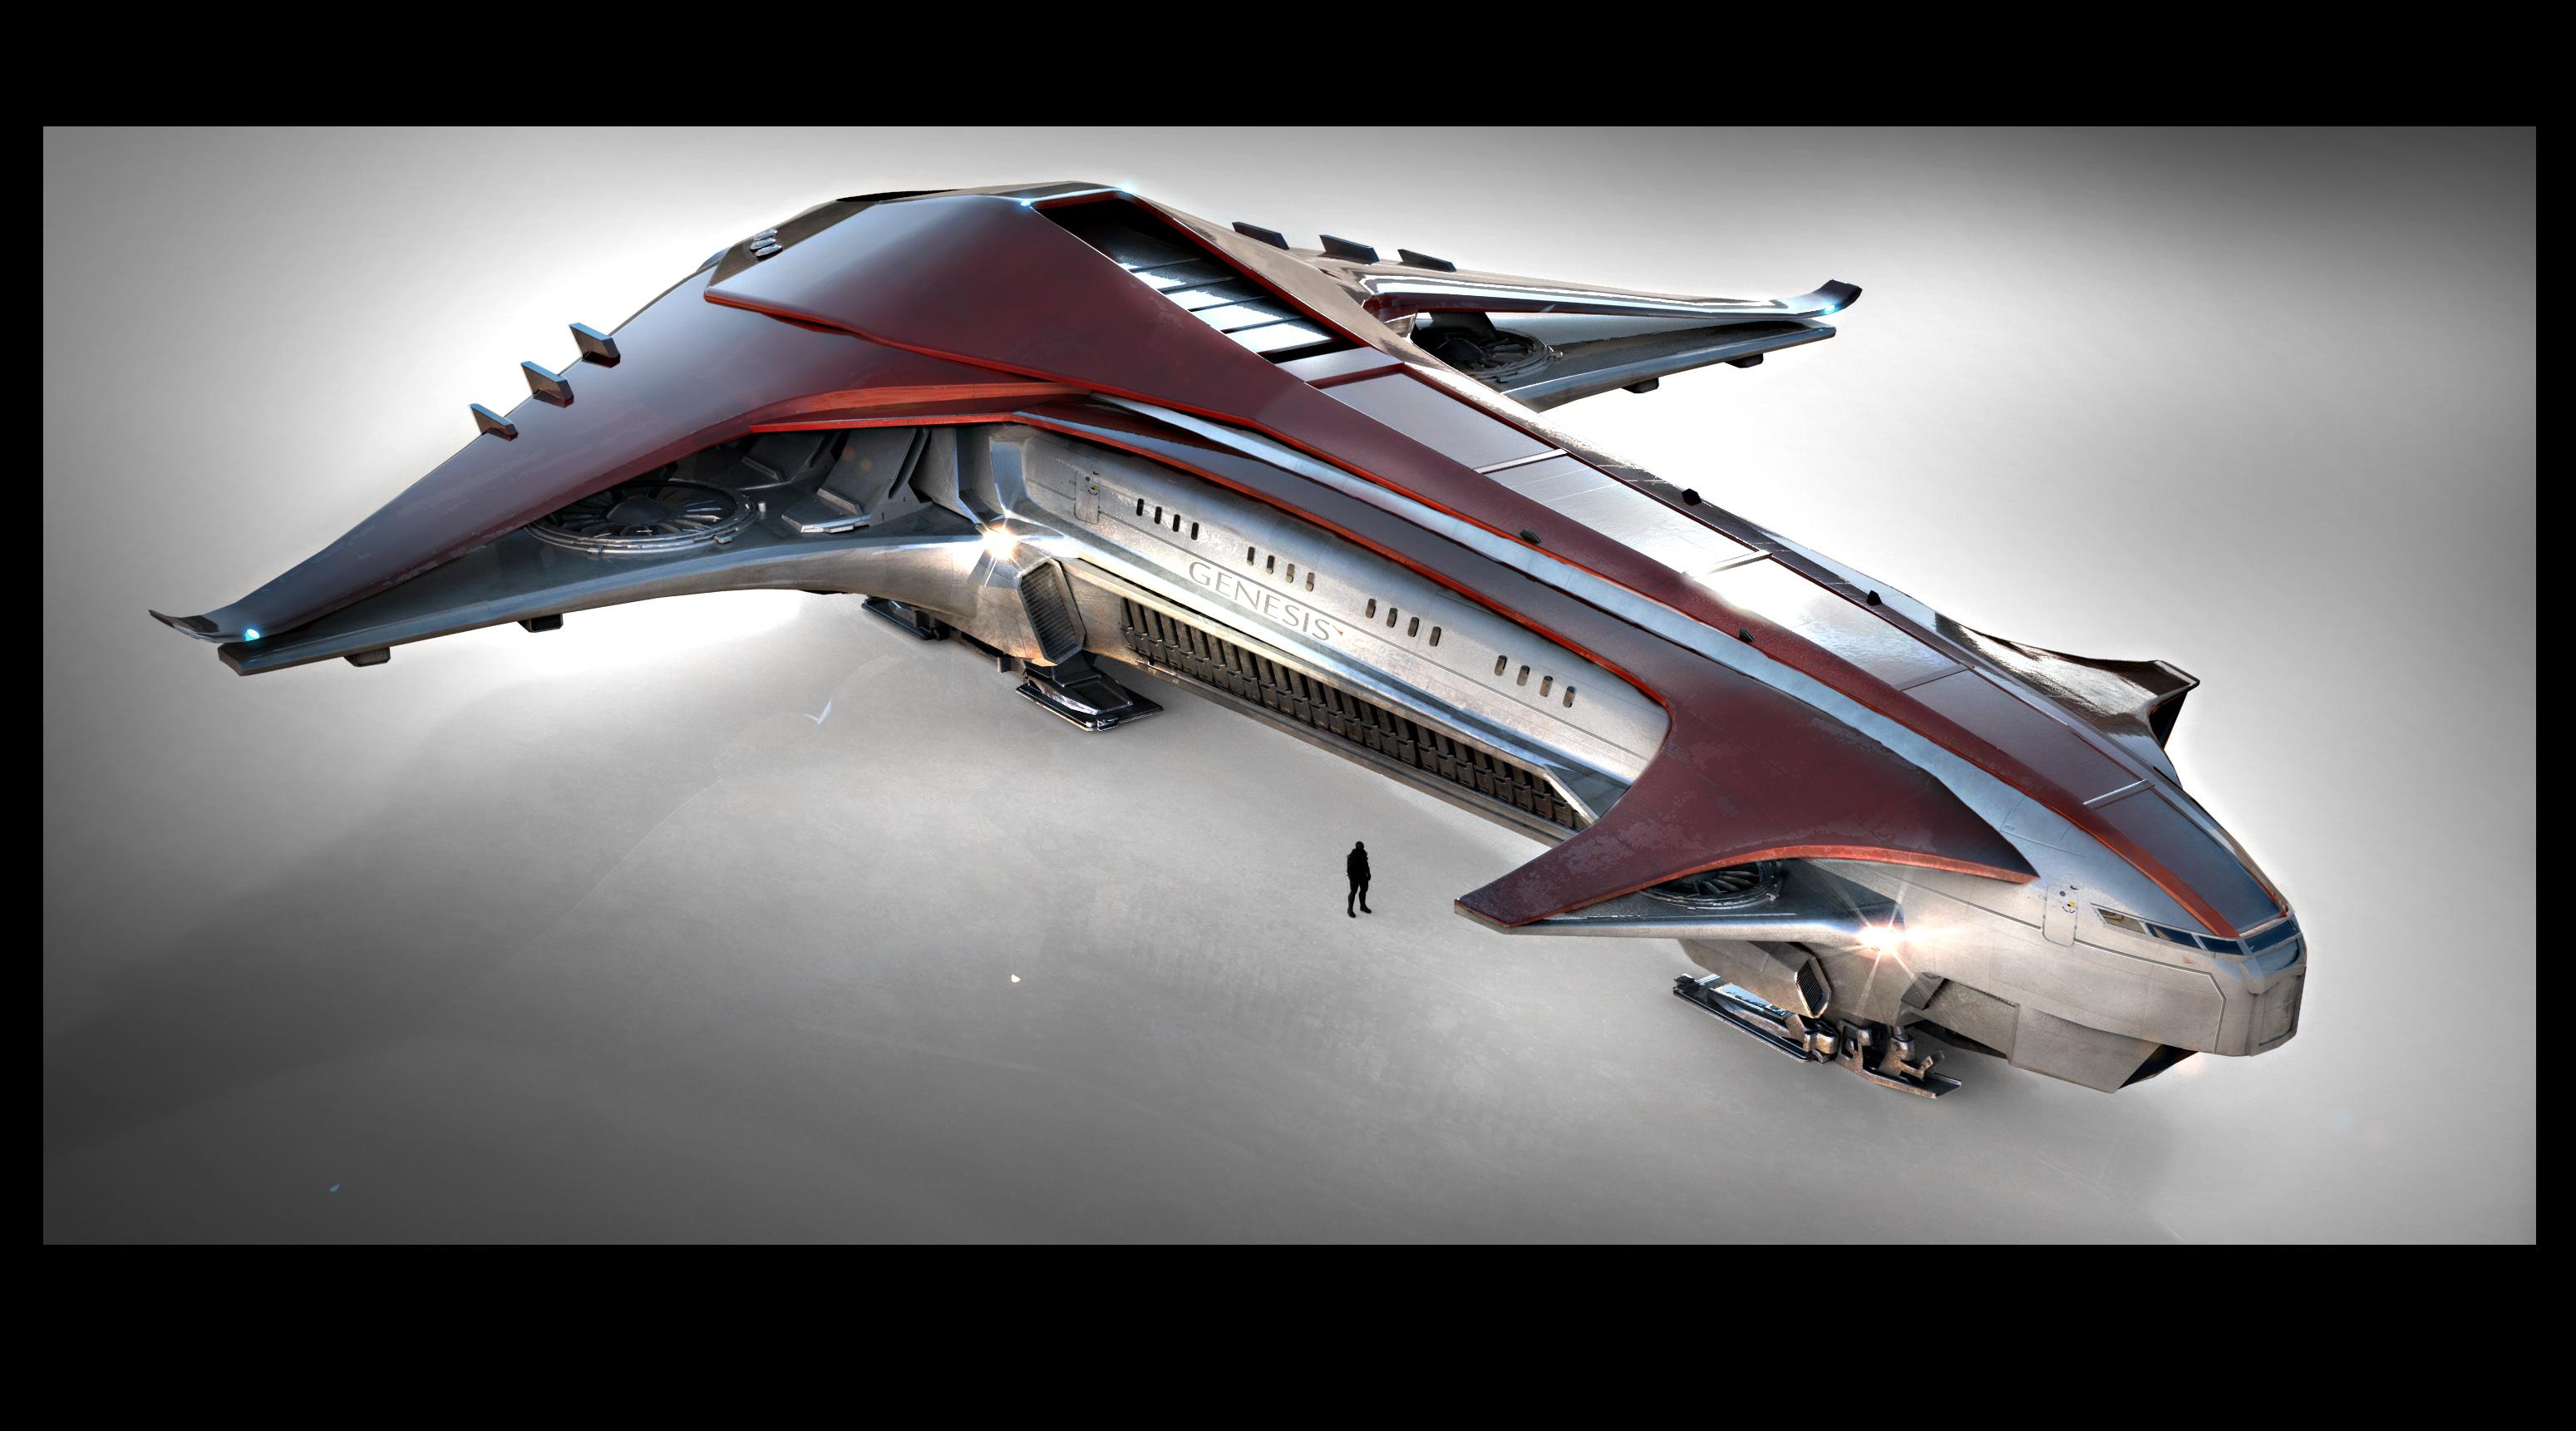 LA GÉNESIS STARLINER Starliner_productshot1_comp2